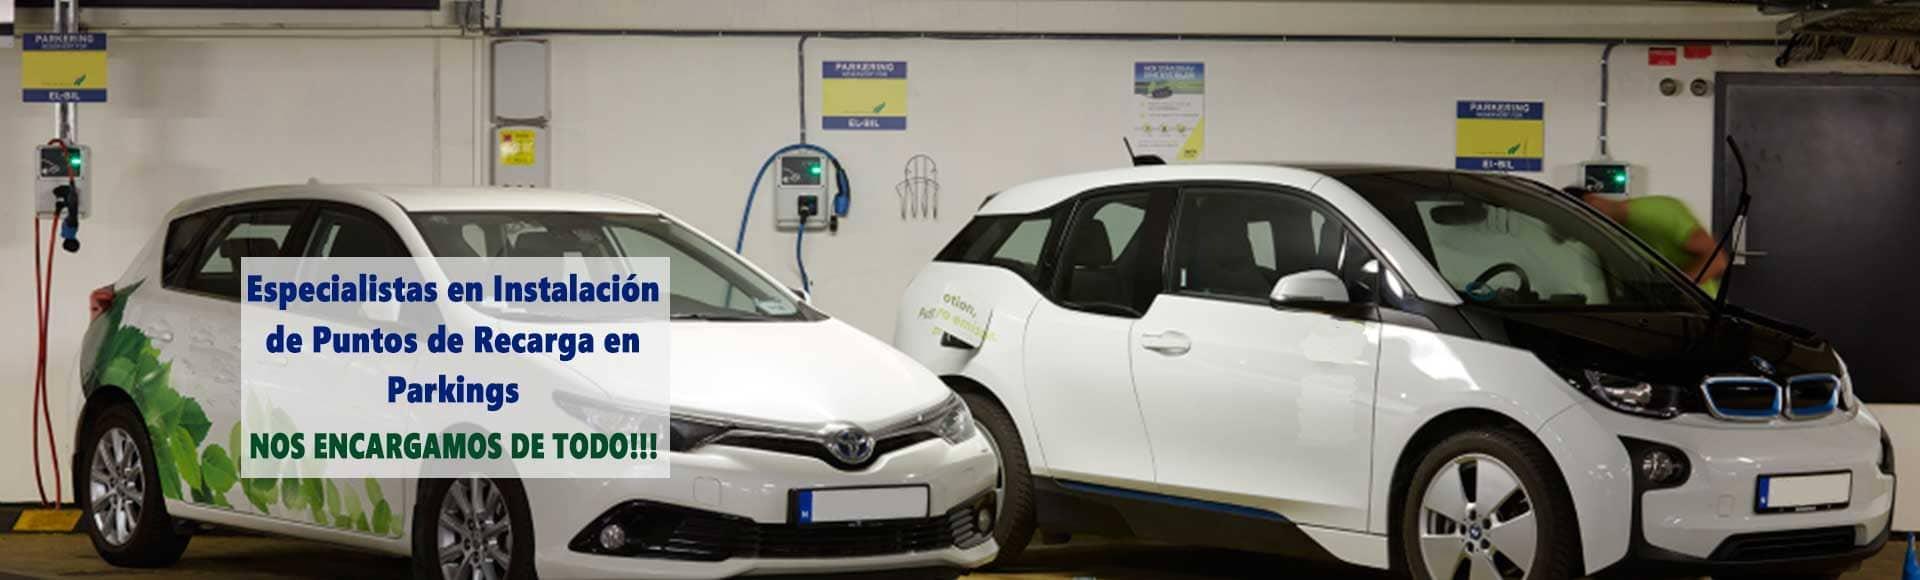 Instalación de puntos de recarga de coches eléctricos